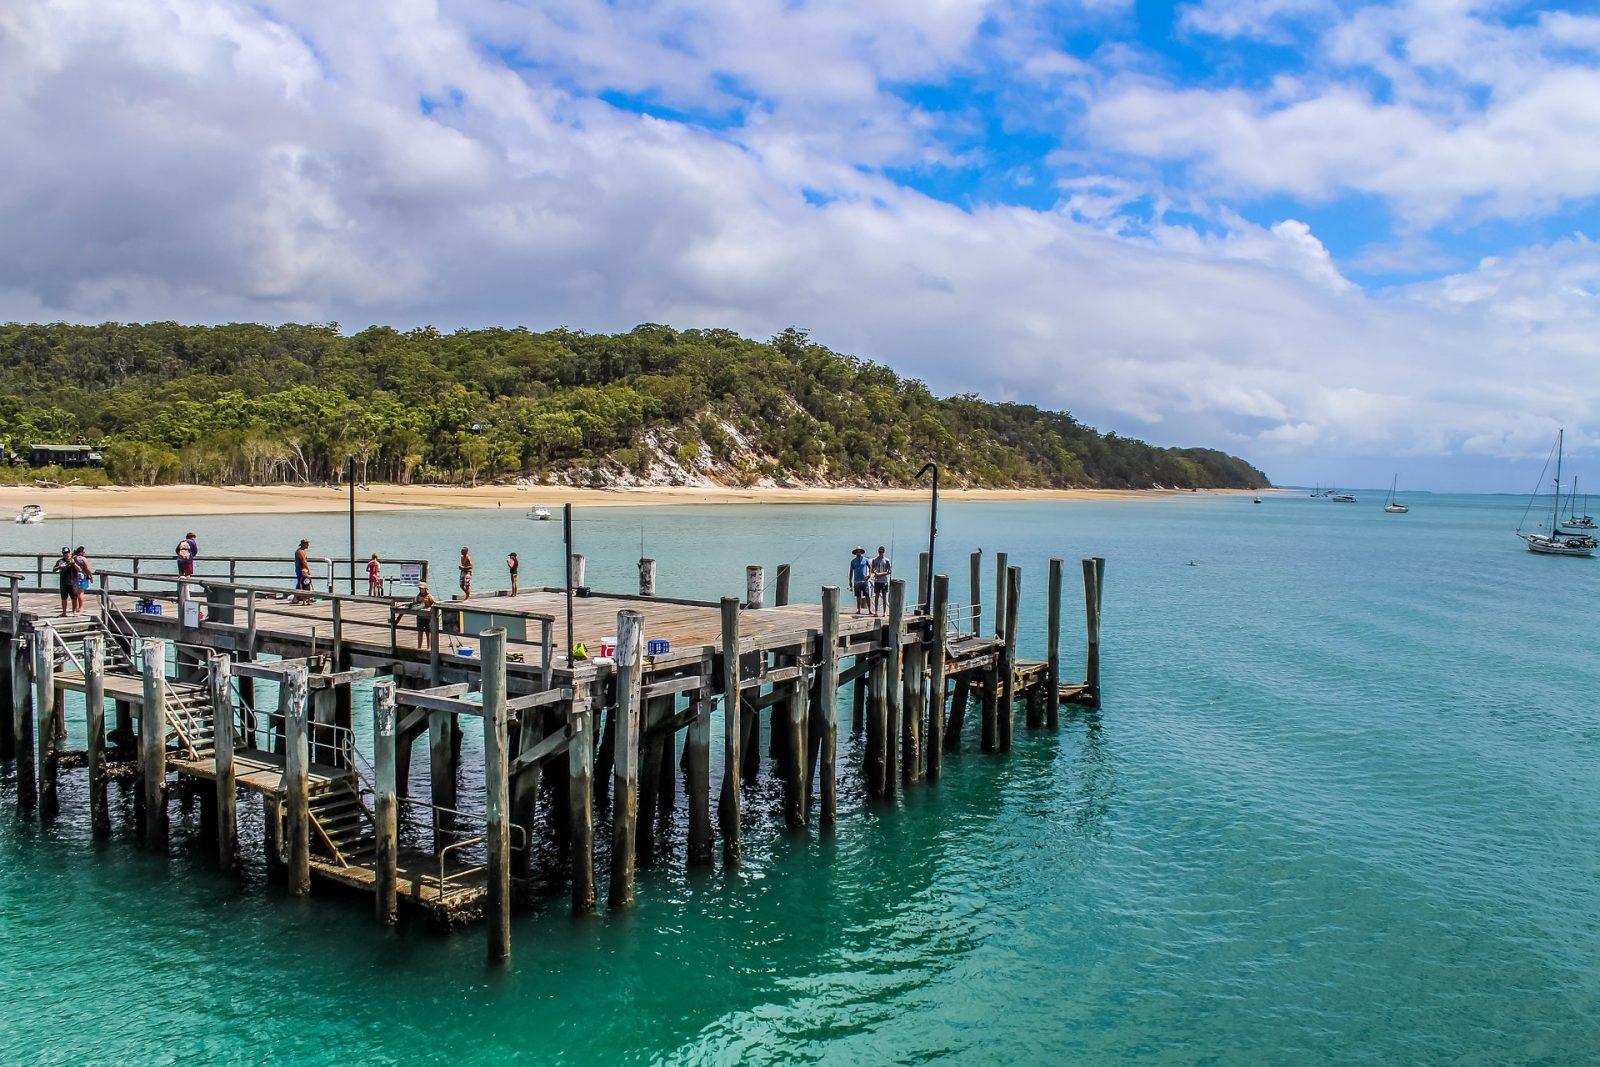 Camping on Fraser Island: Fraser Island dock